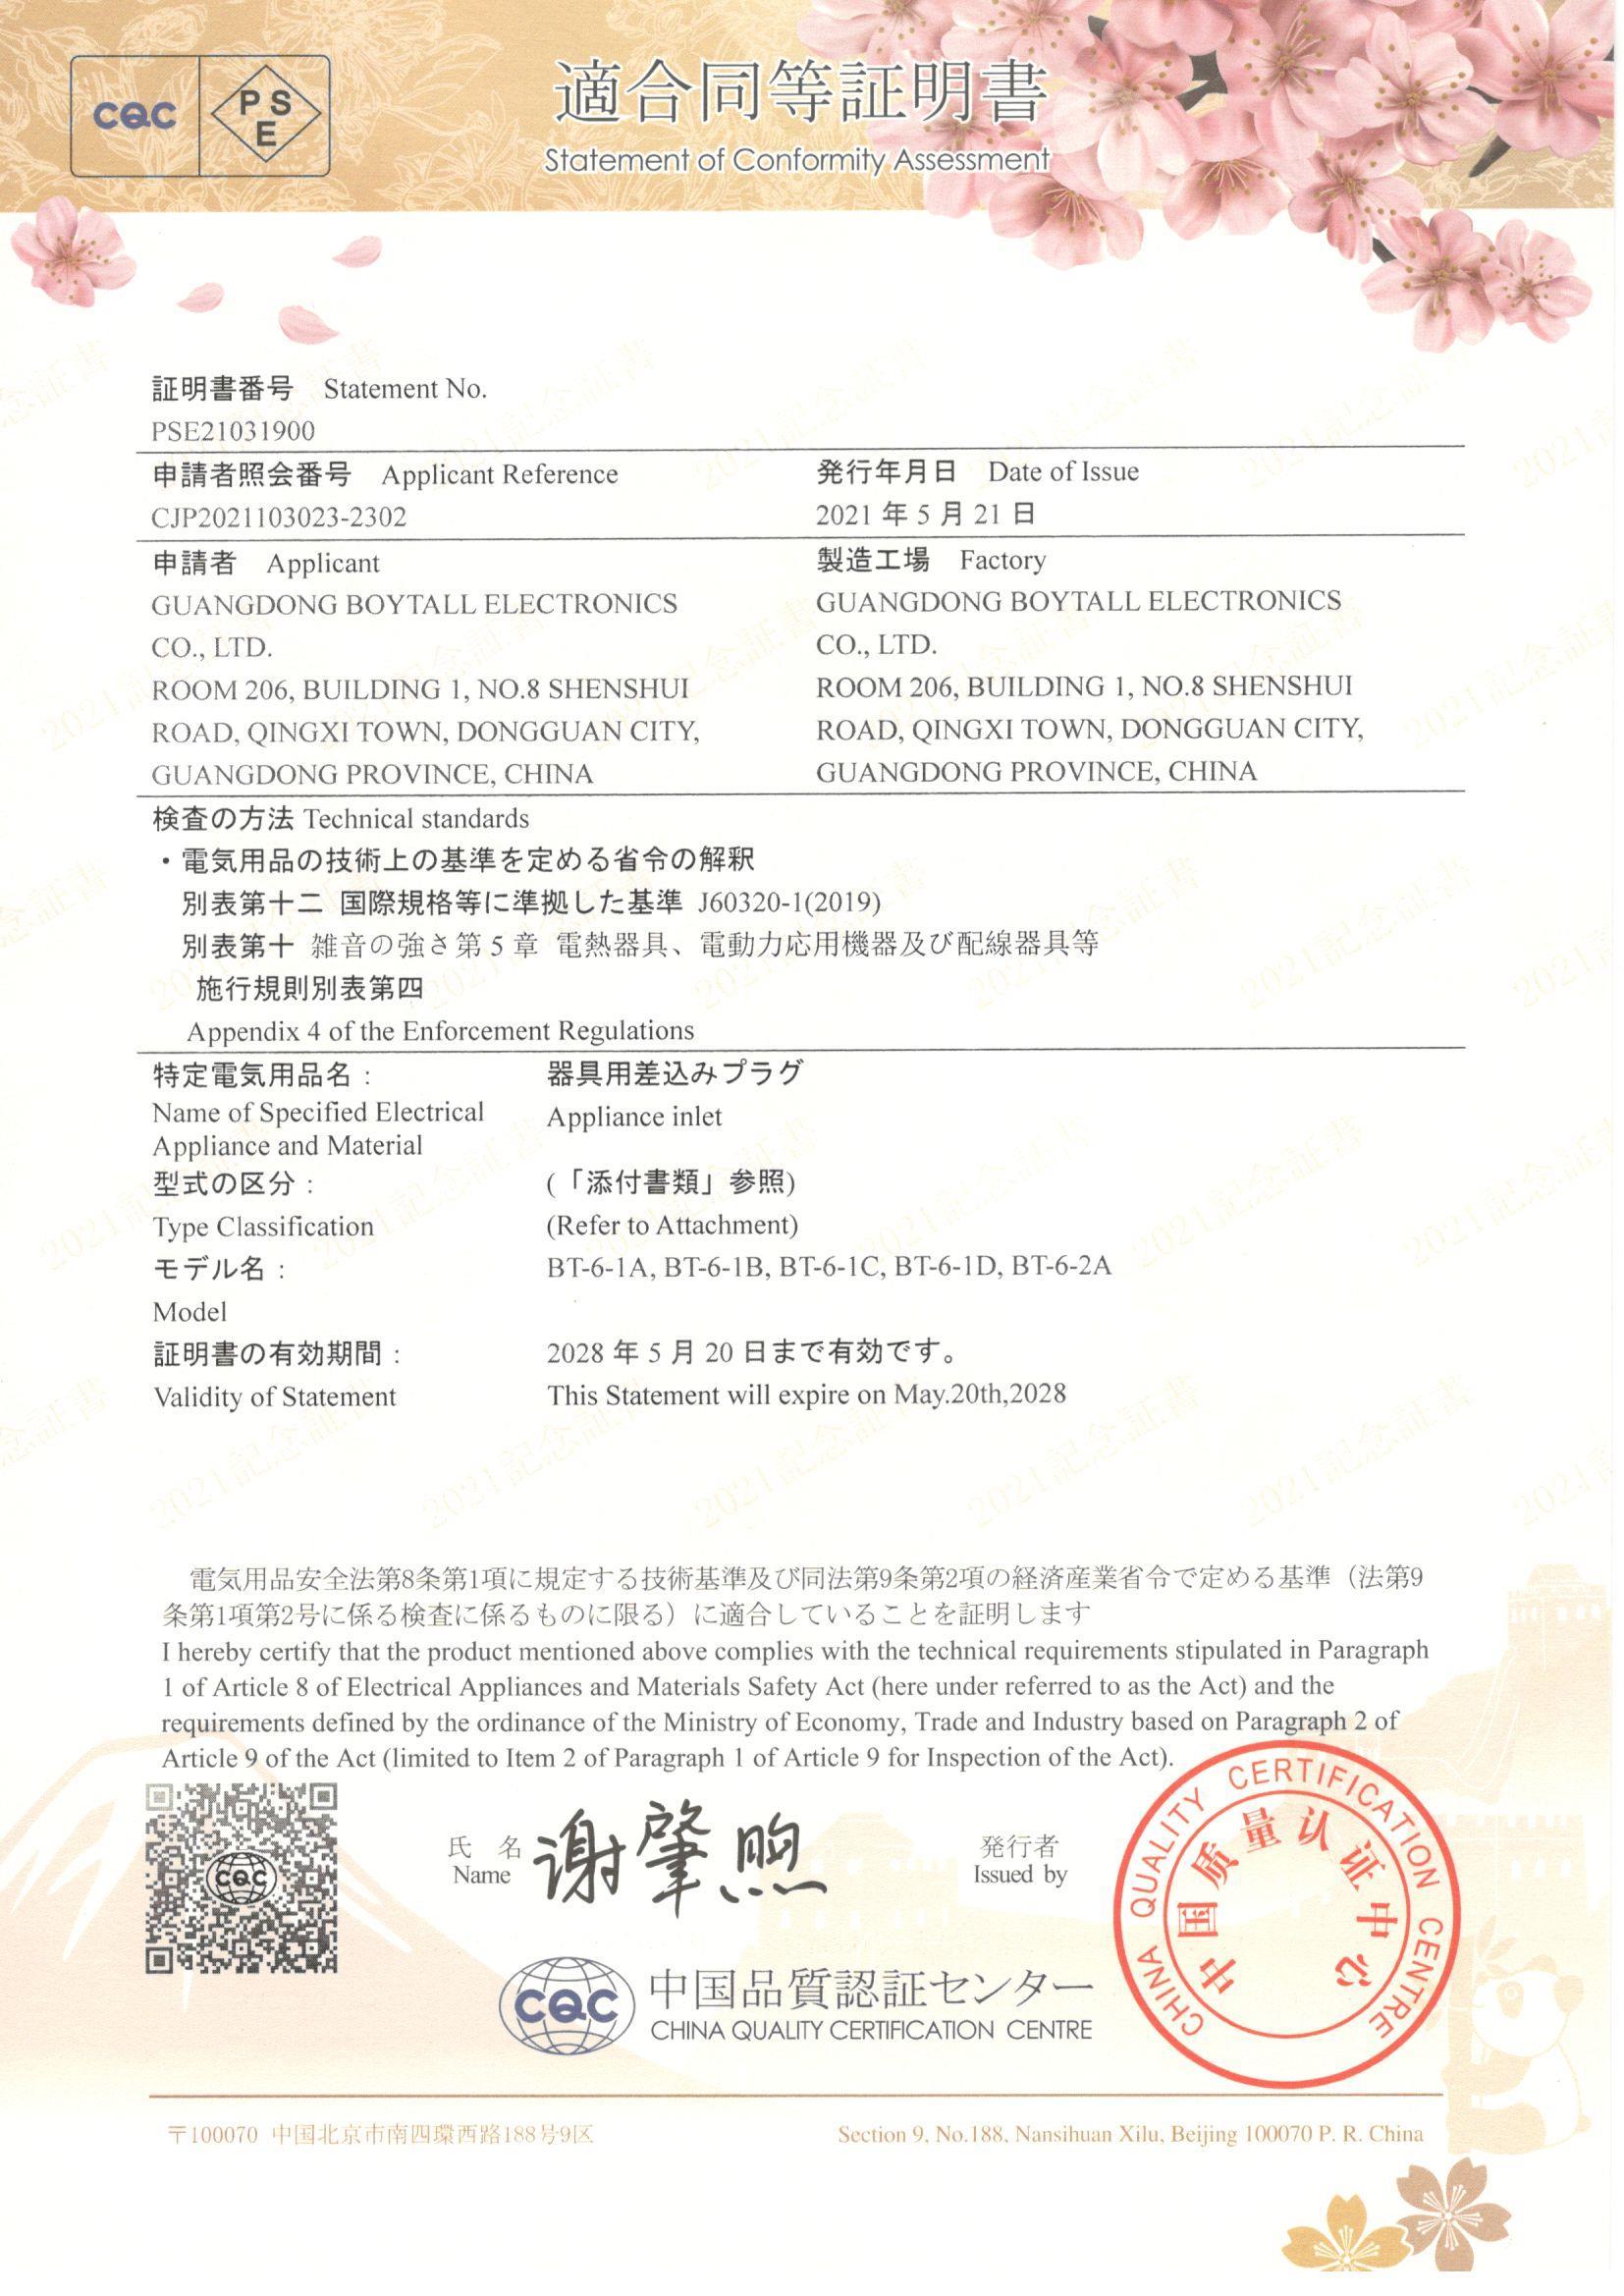 BT-6系列 CQC-PSE 证书